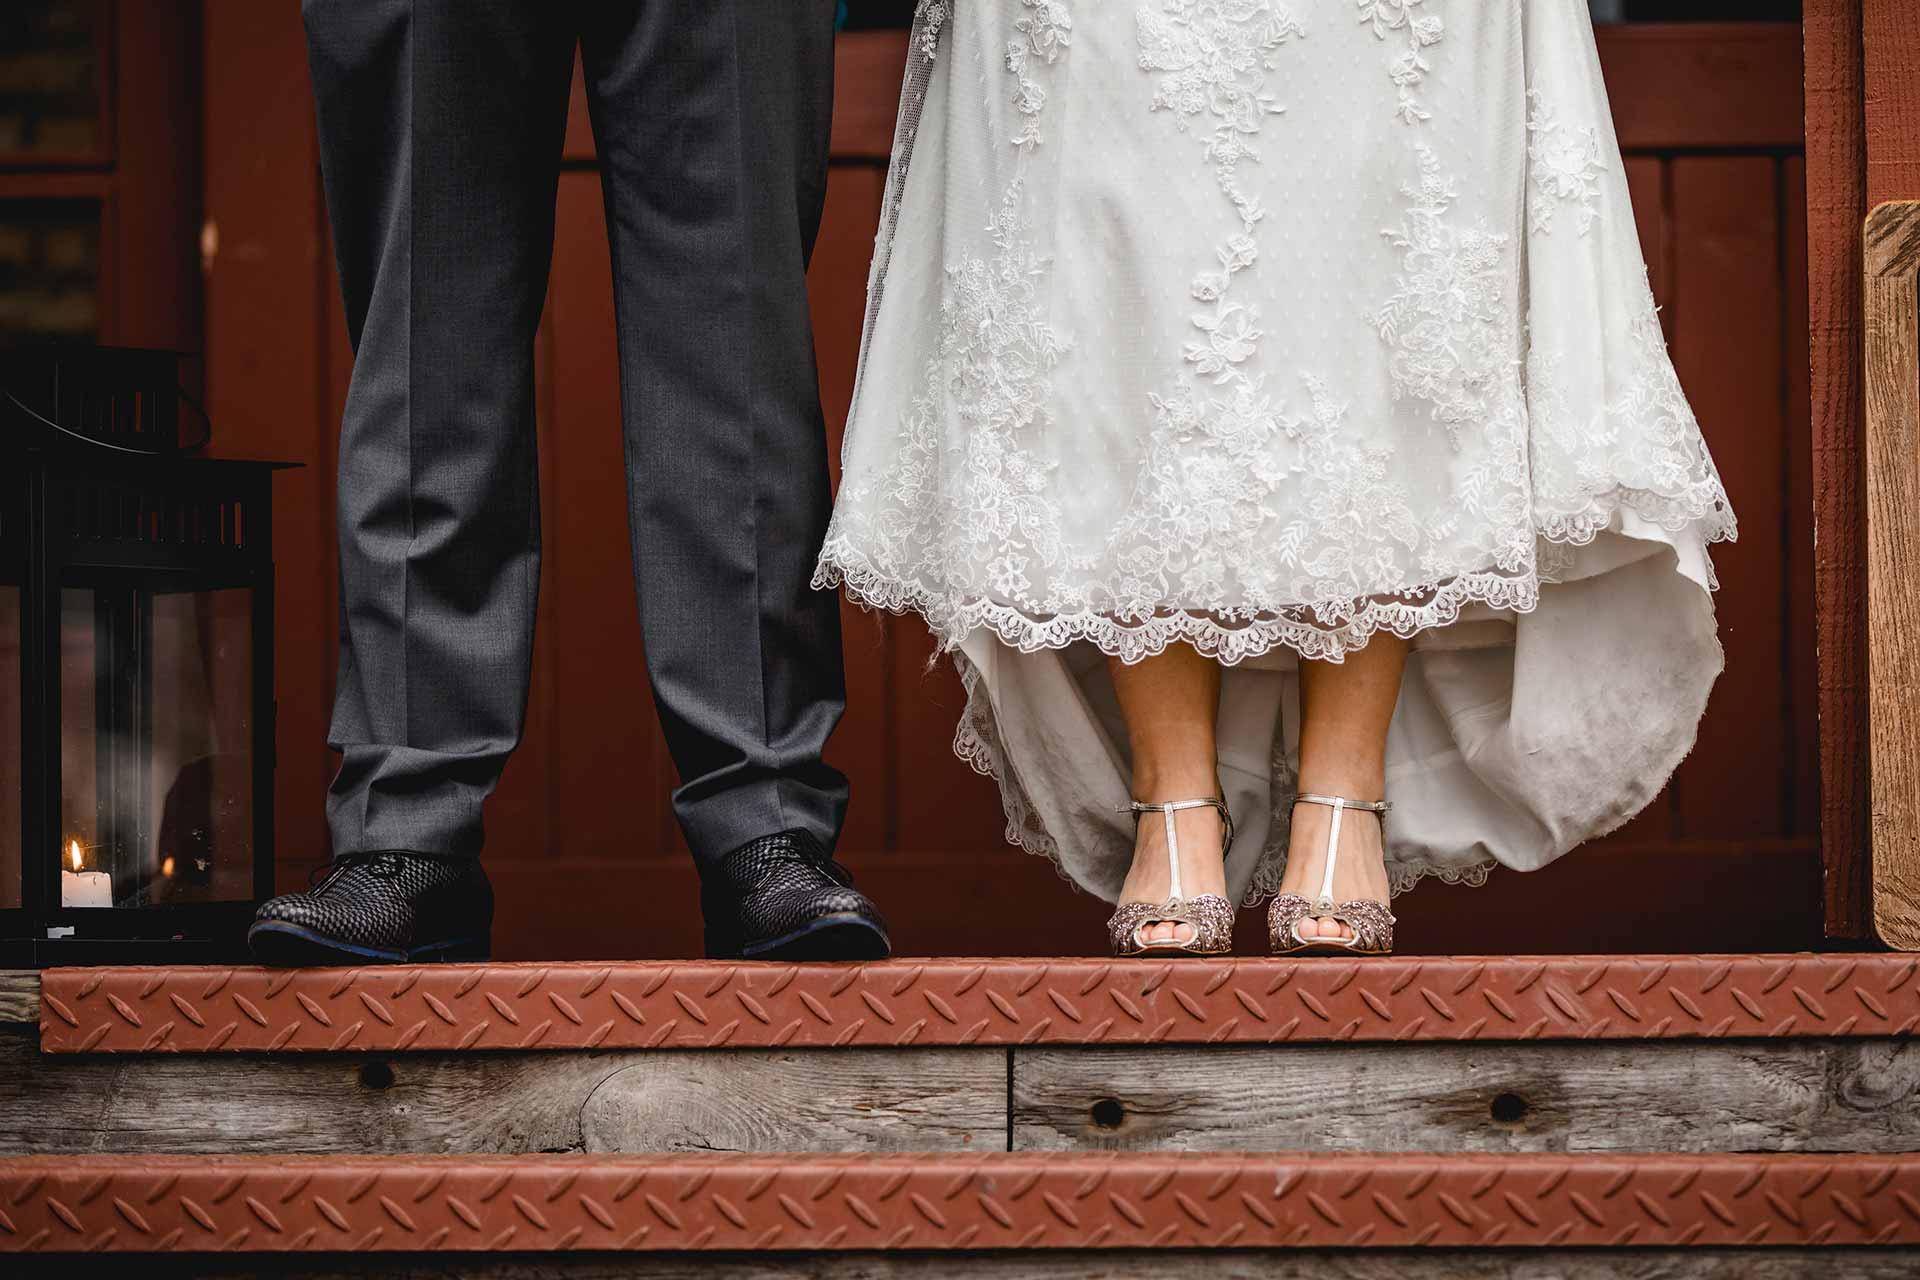 Hochzeitsfotografie - Hochzeitsfotograf_Rostock_Warnemuende_MecklenburgVorpommern_Richterfotografie_Fotograf